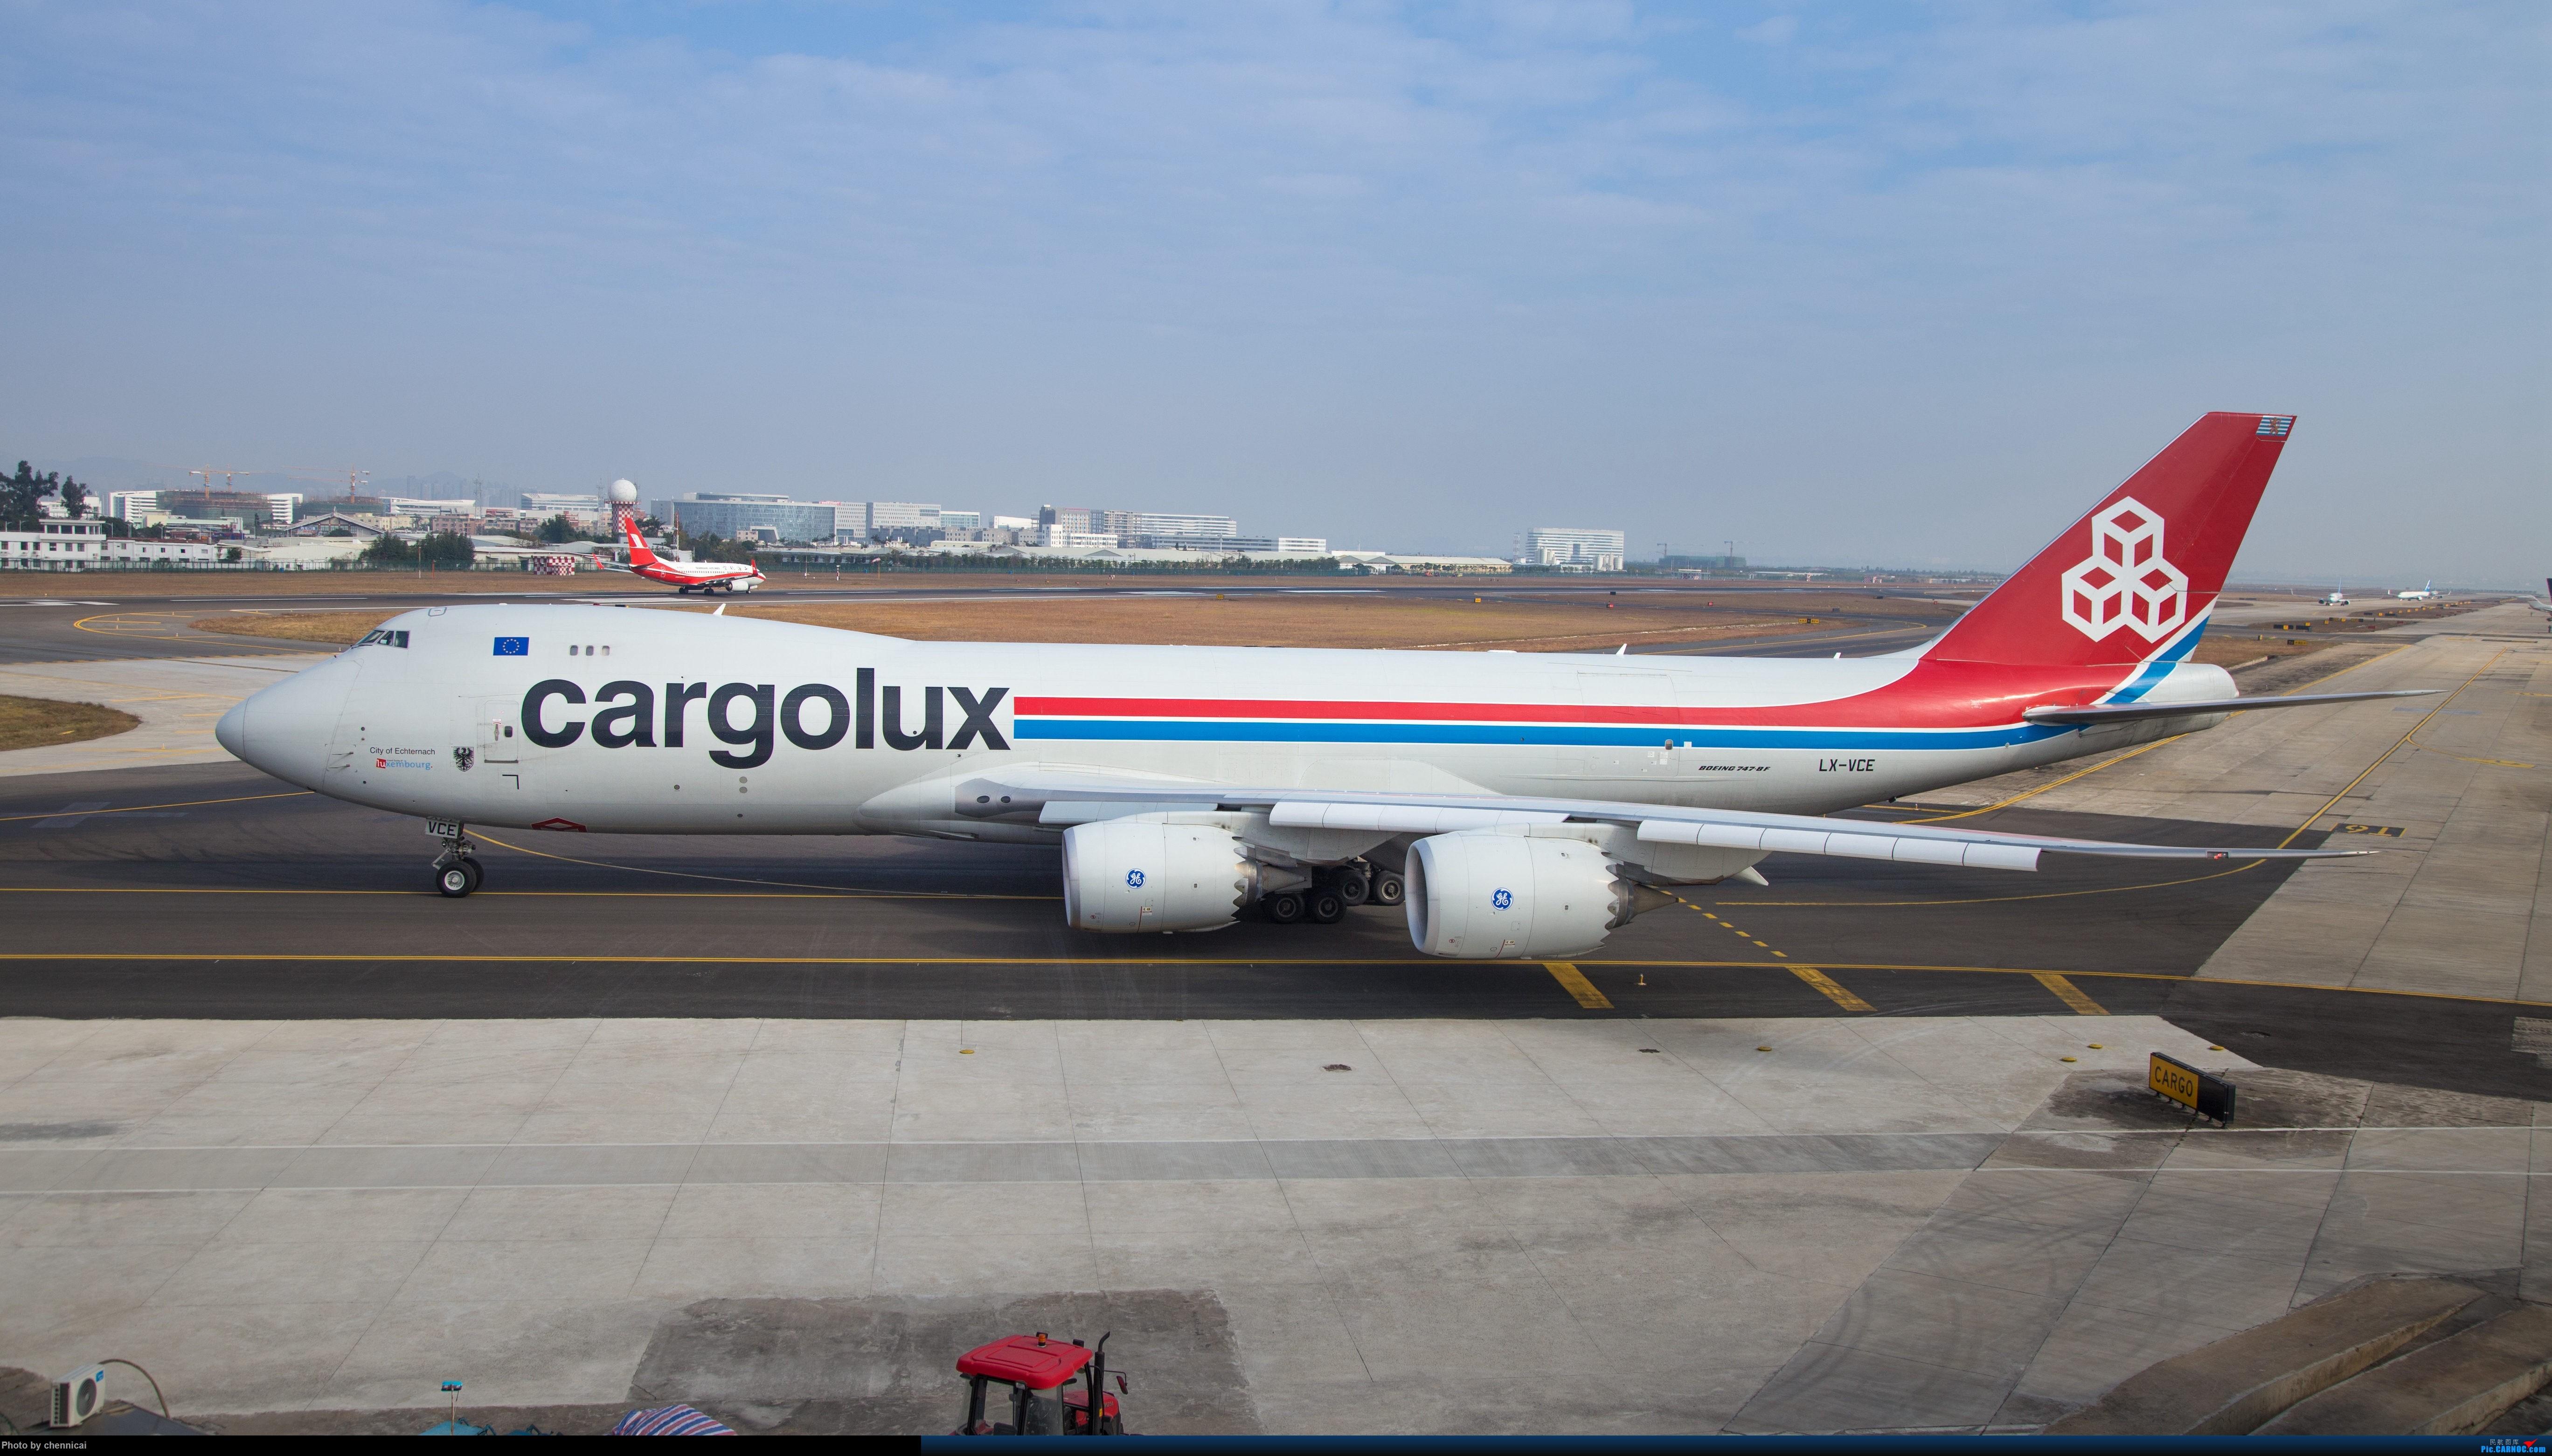 Cargolux 747-8f BOEING 747-8F LX-VCE 中国厦门高崎国际机场